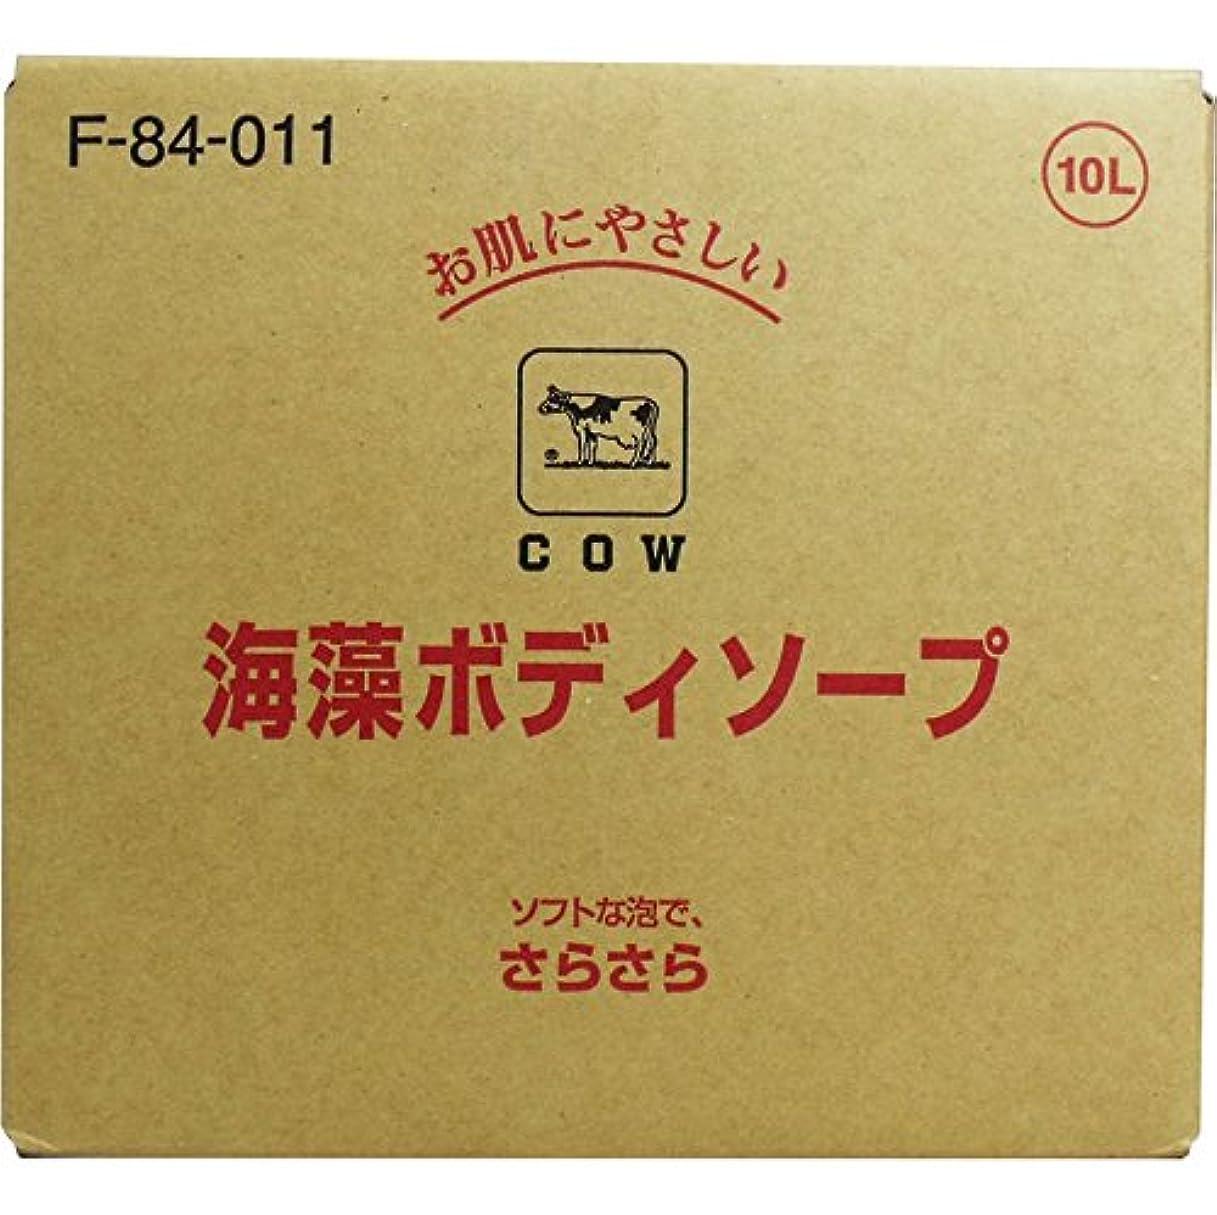 ボトルネックオーナメント送ったボディ 石けん詰め替え さらさらした洗い心地 便利商品 牛乳ブランド 海藻ボディソープ 業務用 10L